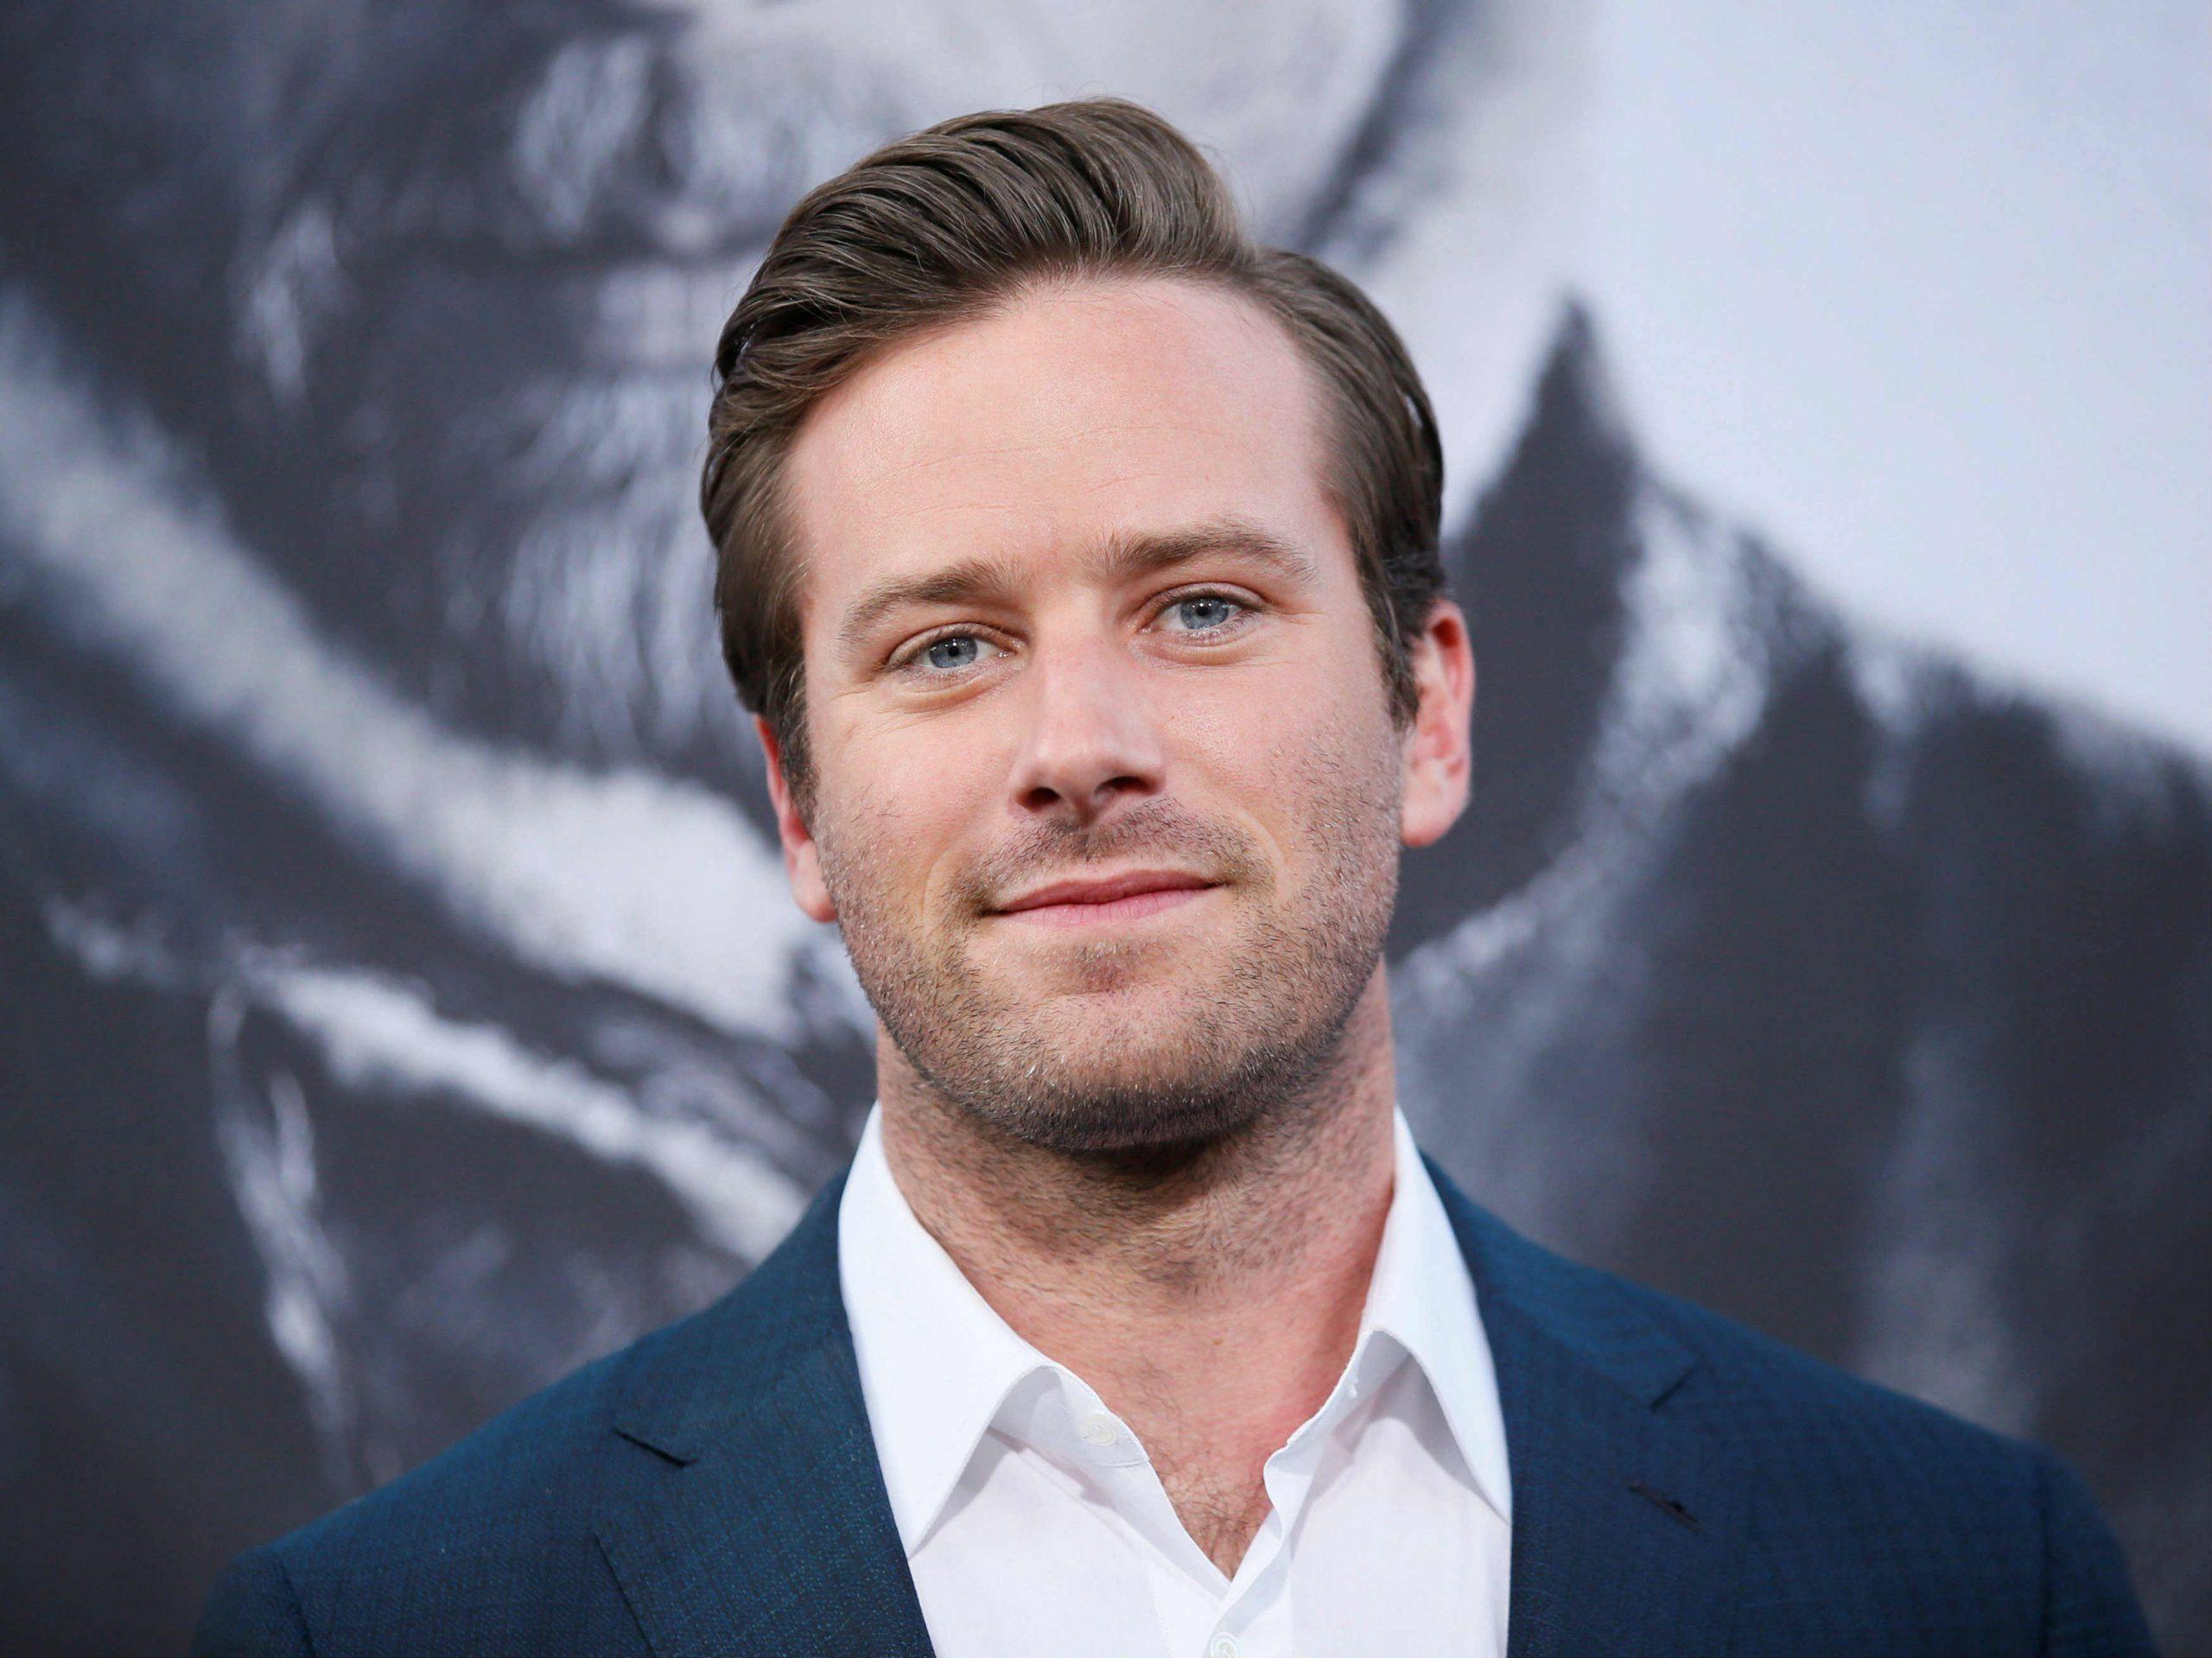 Actor estadounidense desmiente acusaciones sobre canibalismo y renuncia a su próxima película